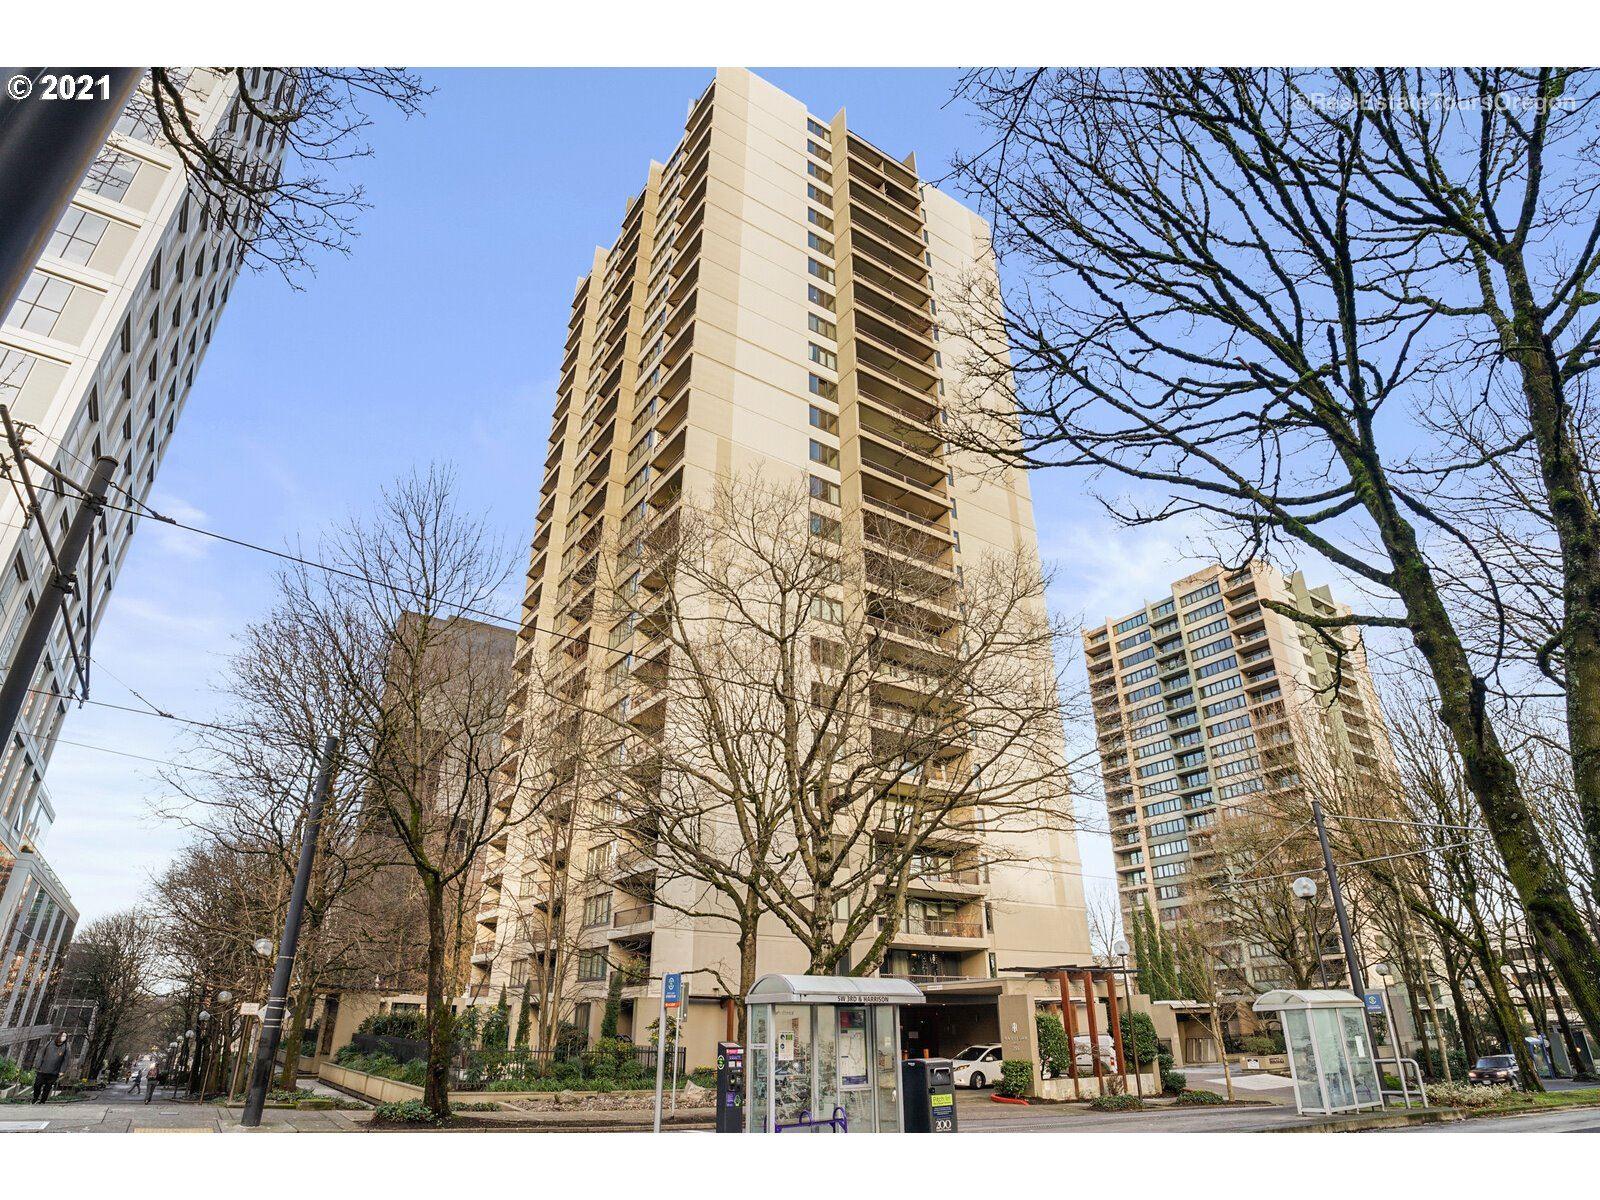 255 SW HARRISON ST #24B, Portland, OR 97201 - MLS#: 21622043